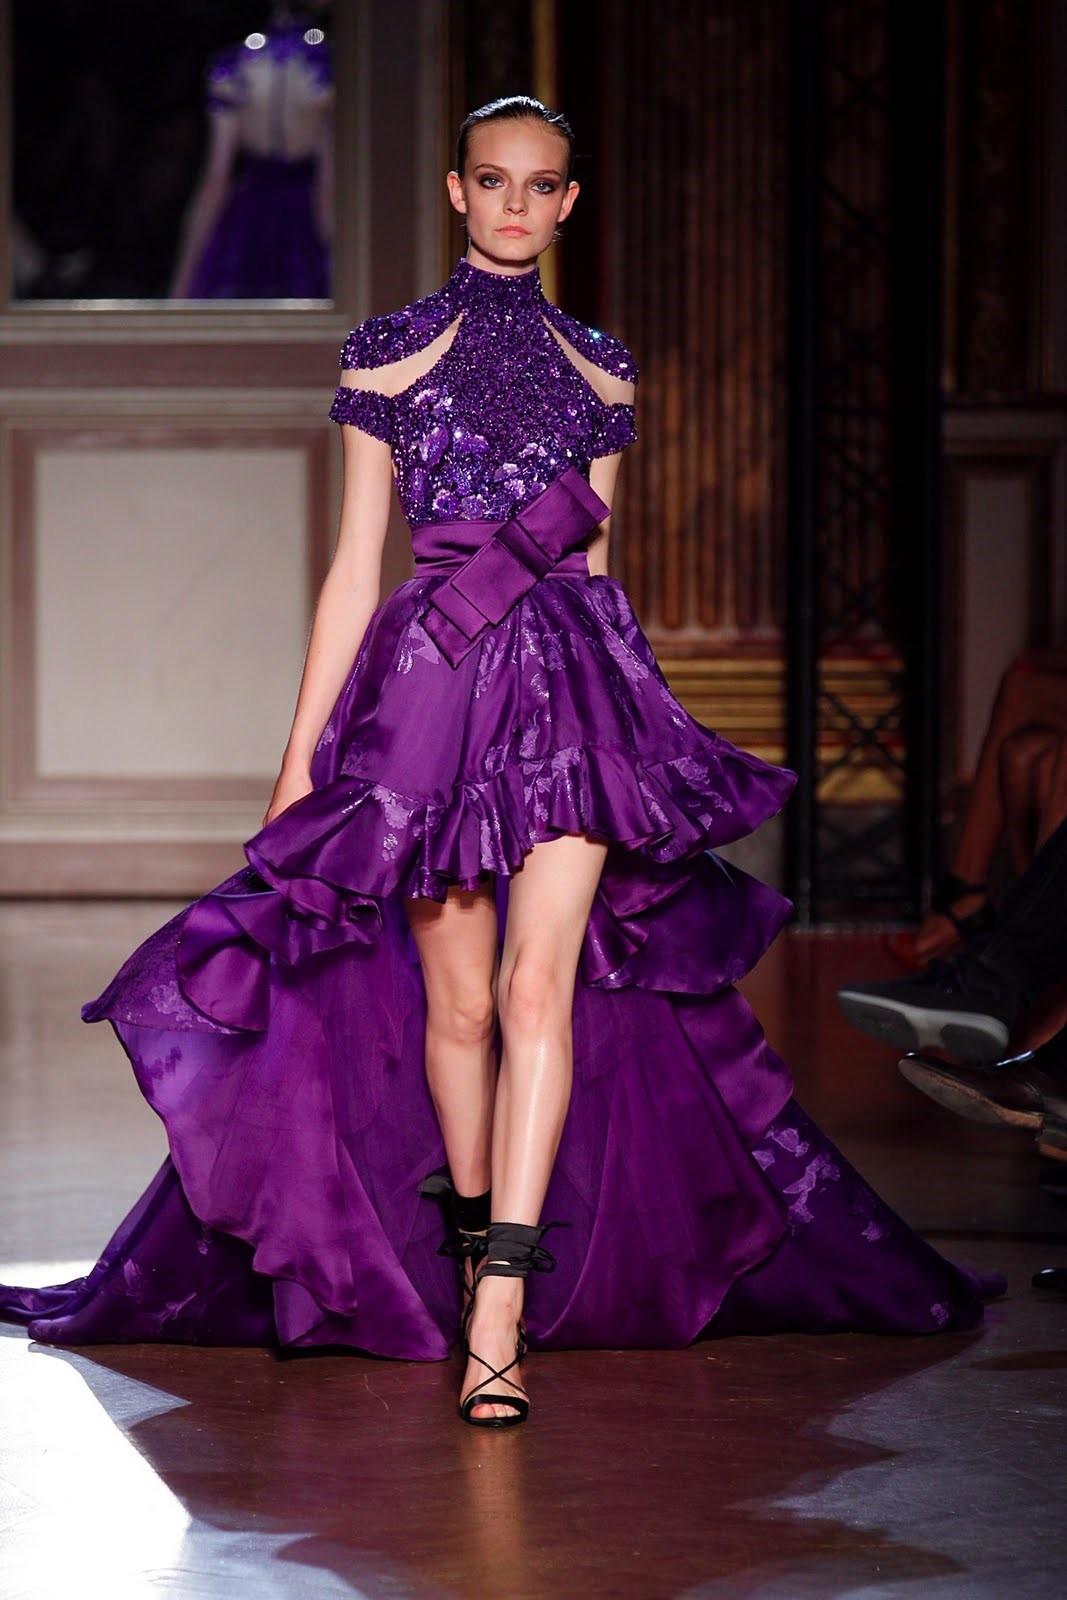 http://4.bp.blogspot.com/-hR-3KOWAJYs/Tsa4FW86vLI/AAAAAAAADas/pnJx72d29ws/s1600/Zuhair-Murad-Couture-Fall-Winter-2011-10.jpg